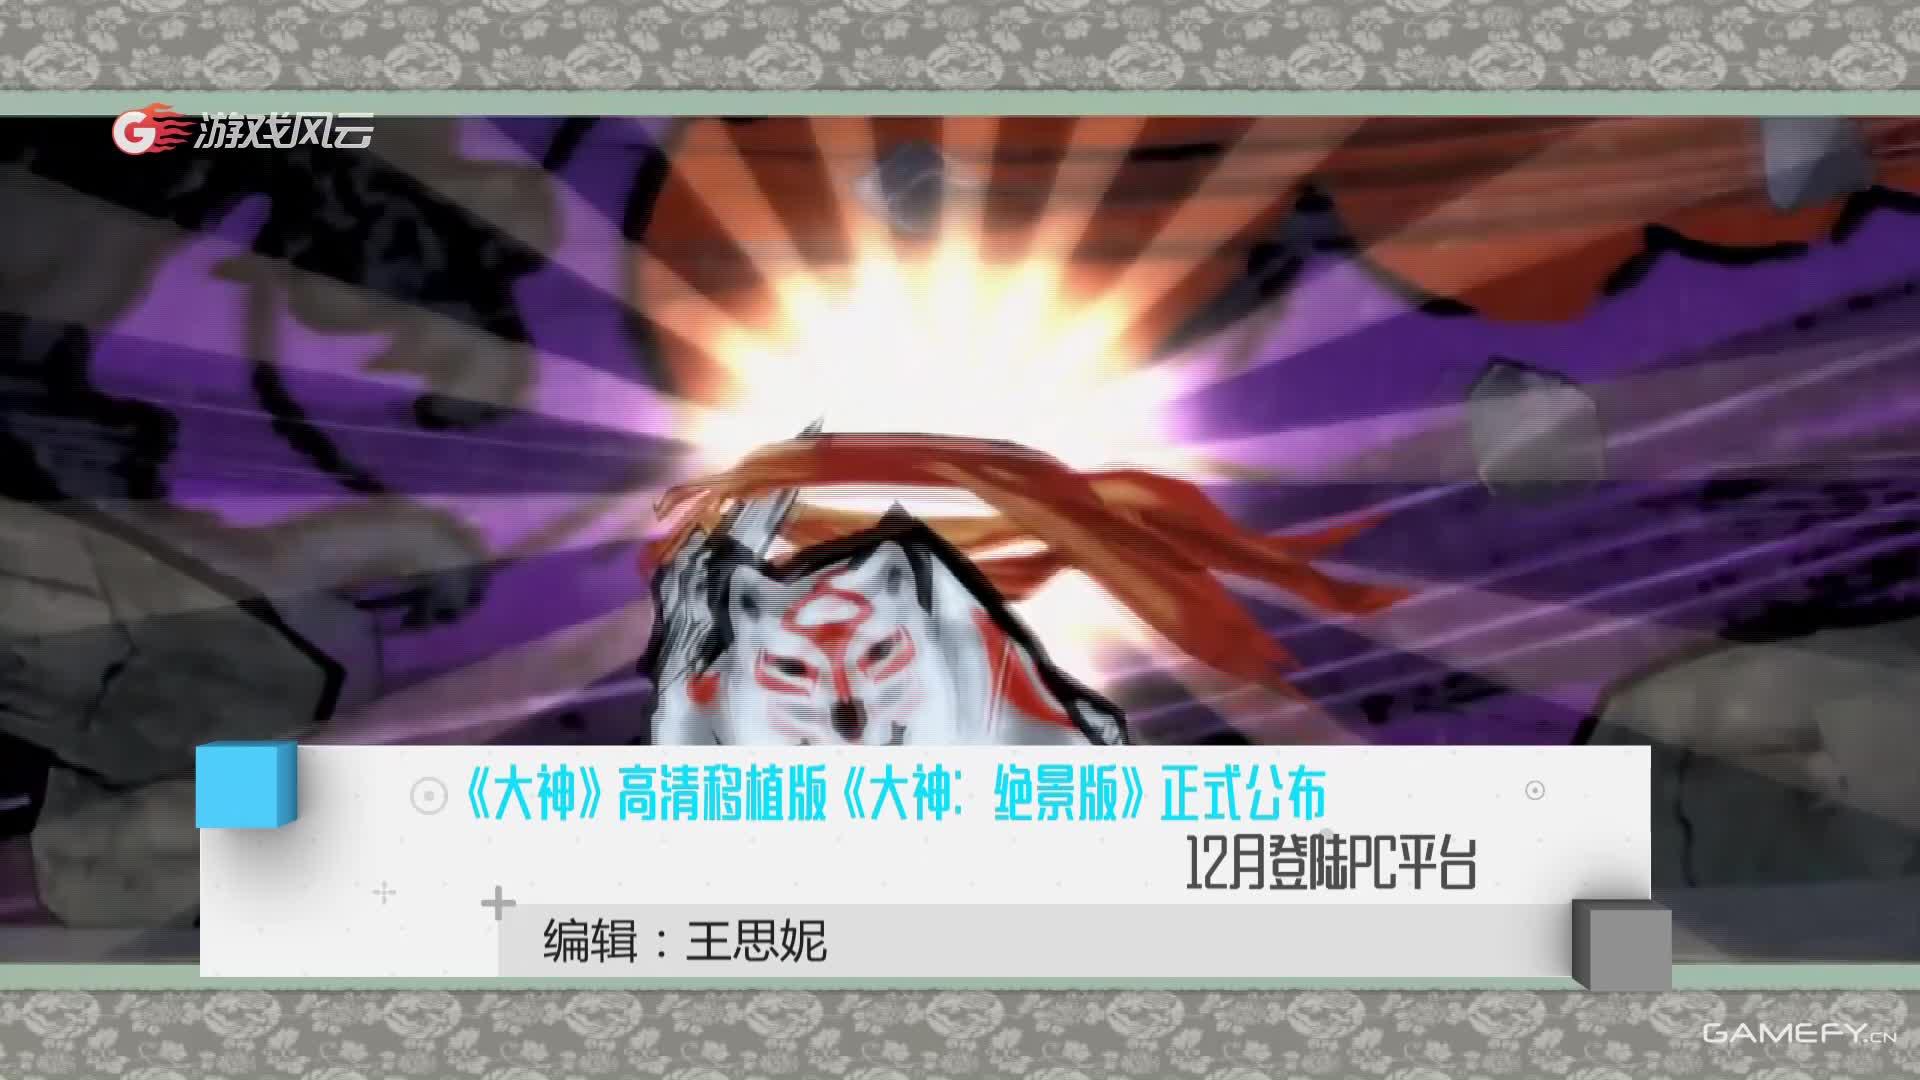 《大神》高清移植版《大神:绝景版》正式公布  12月登陆PC平台